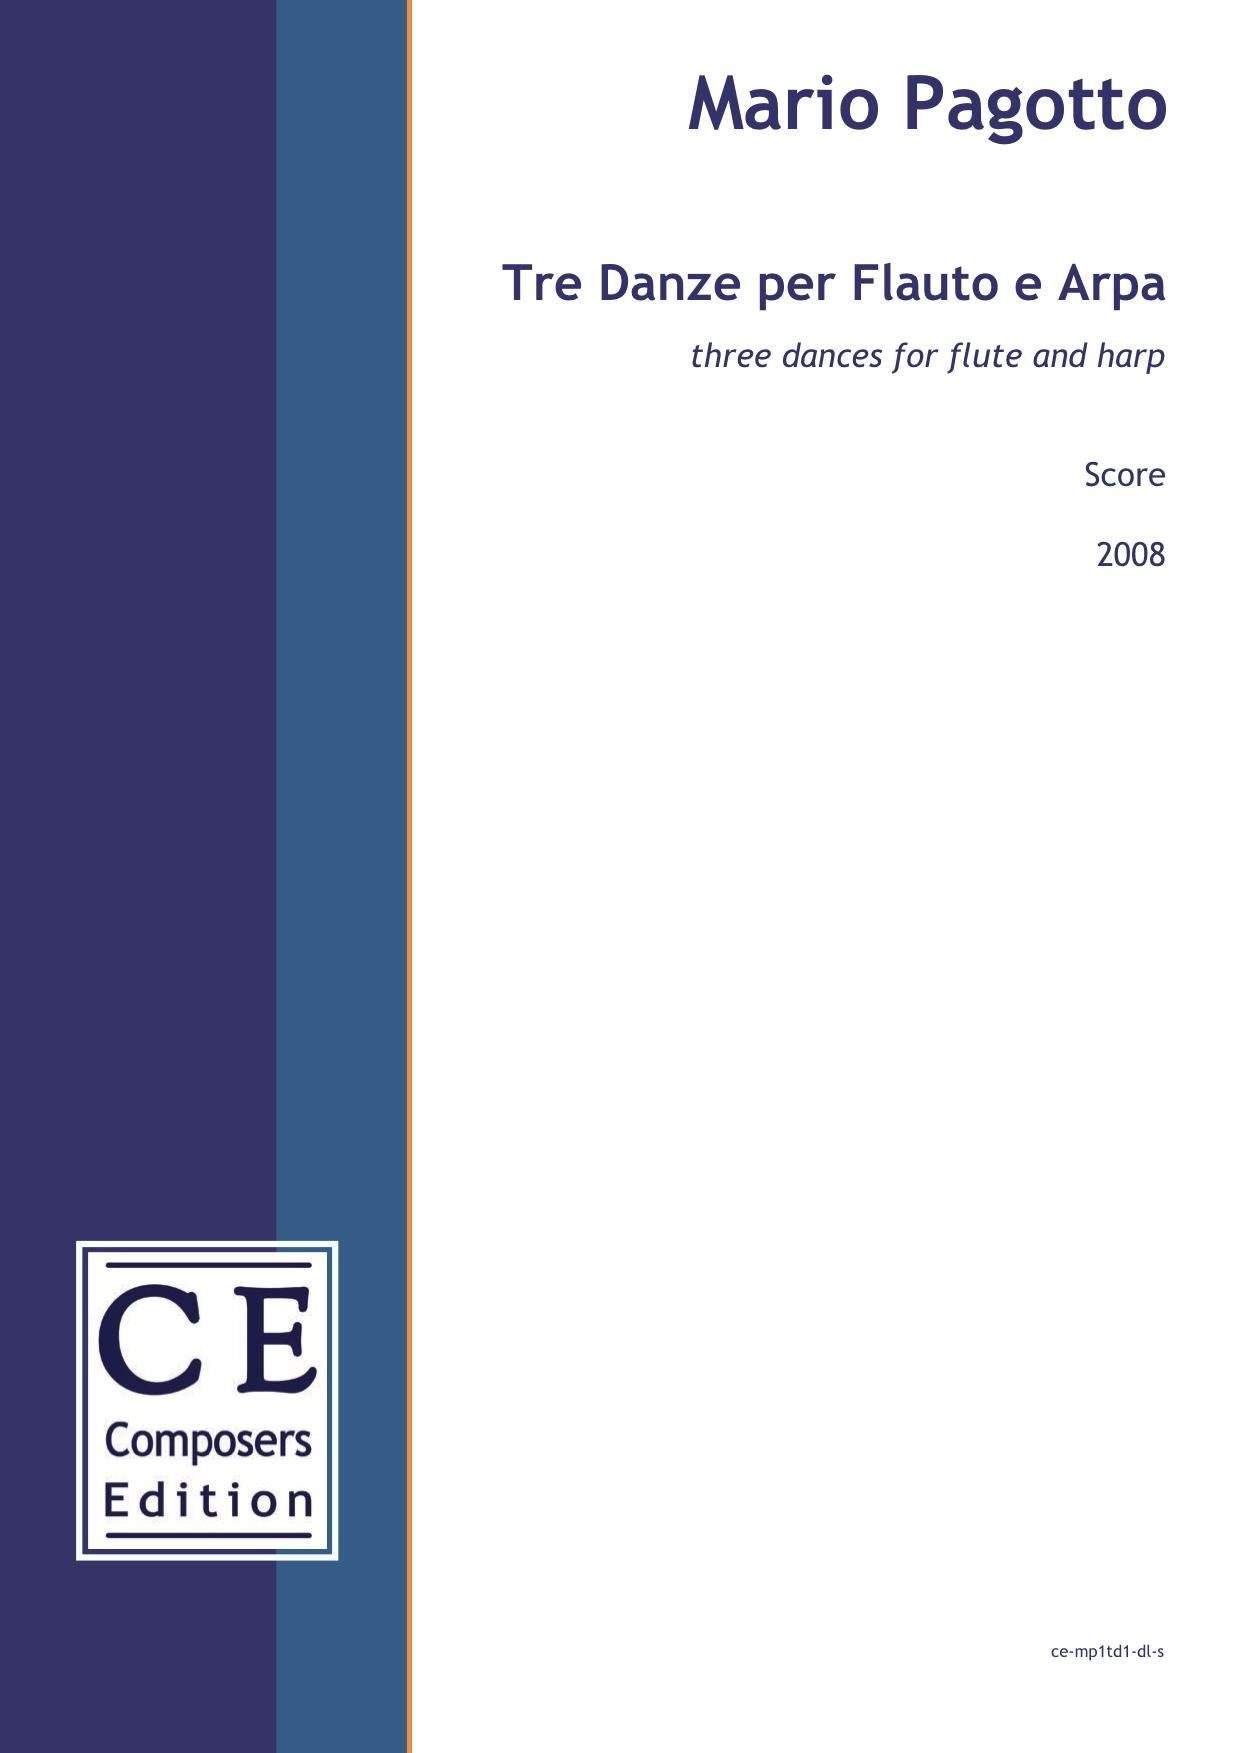 Mario Pagotto: Tre Danze per Flauto e Arpa three dances for flute and harp